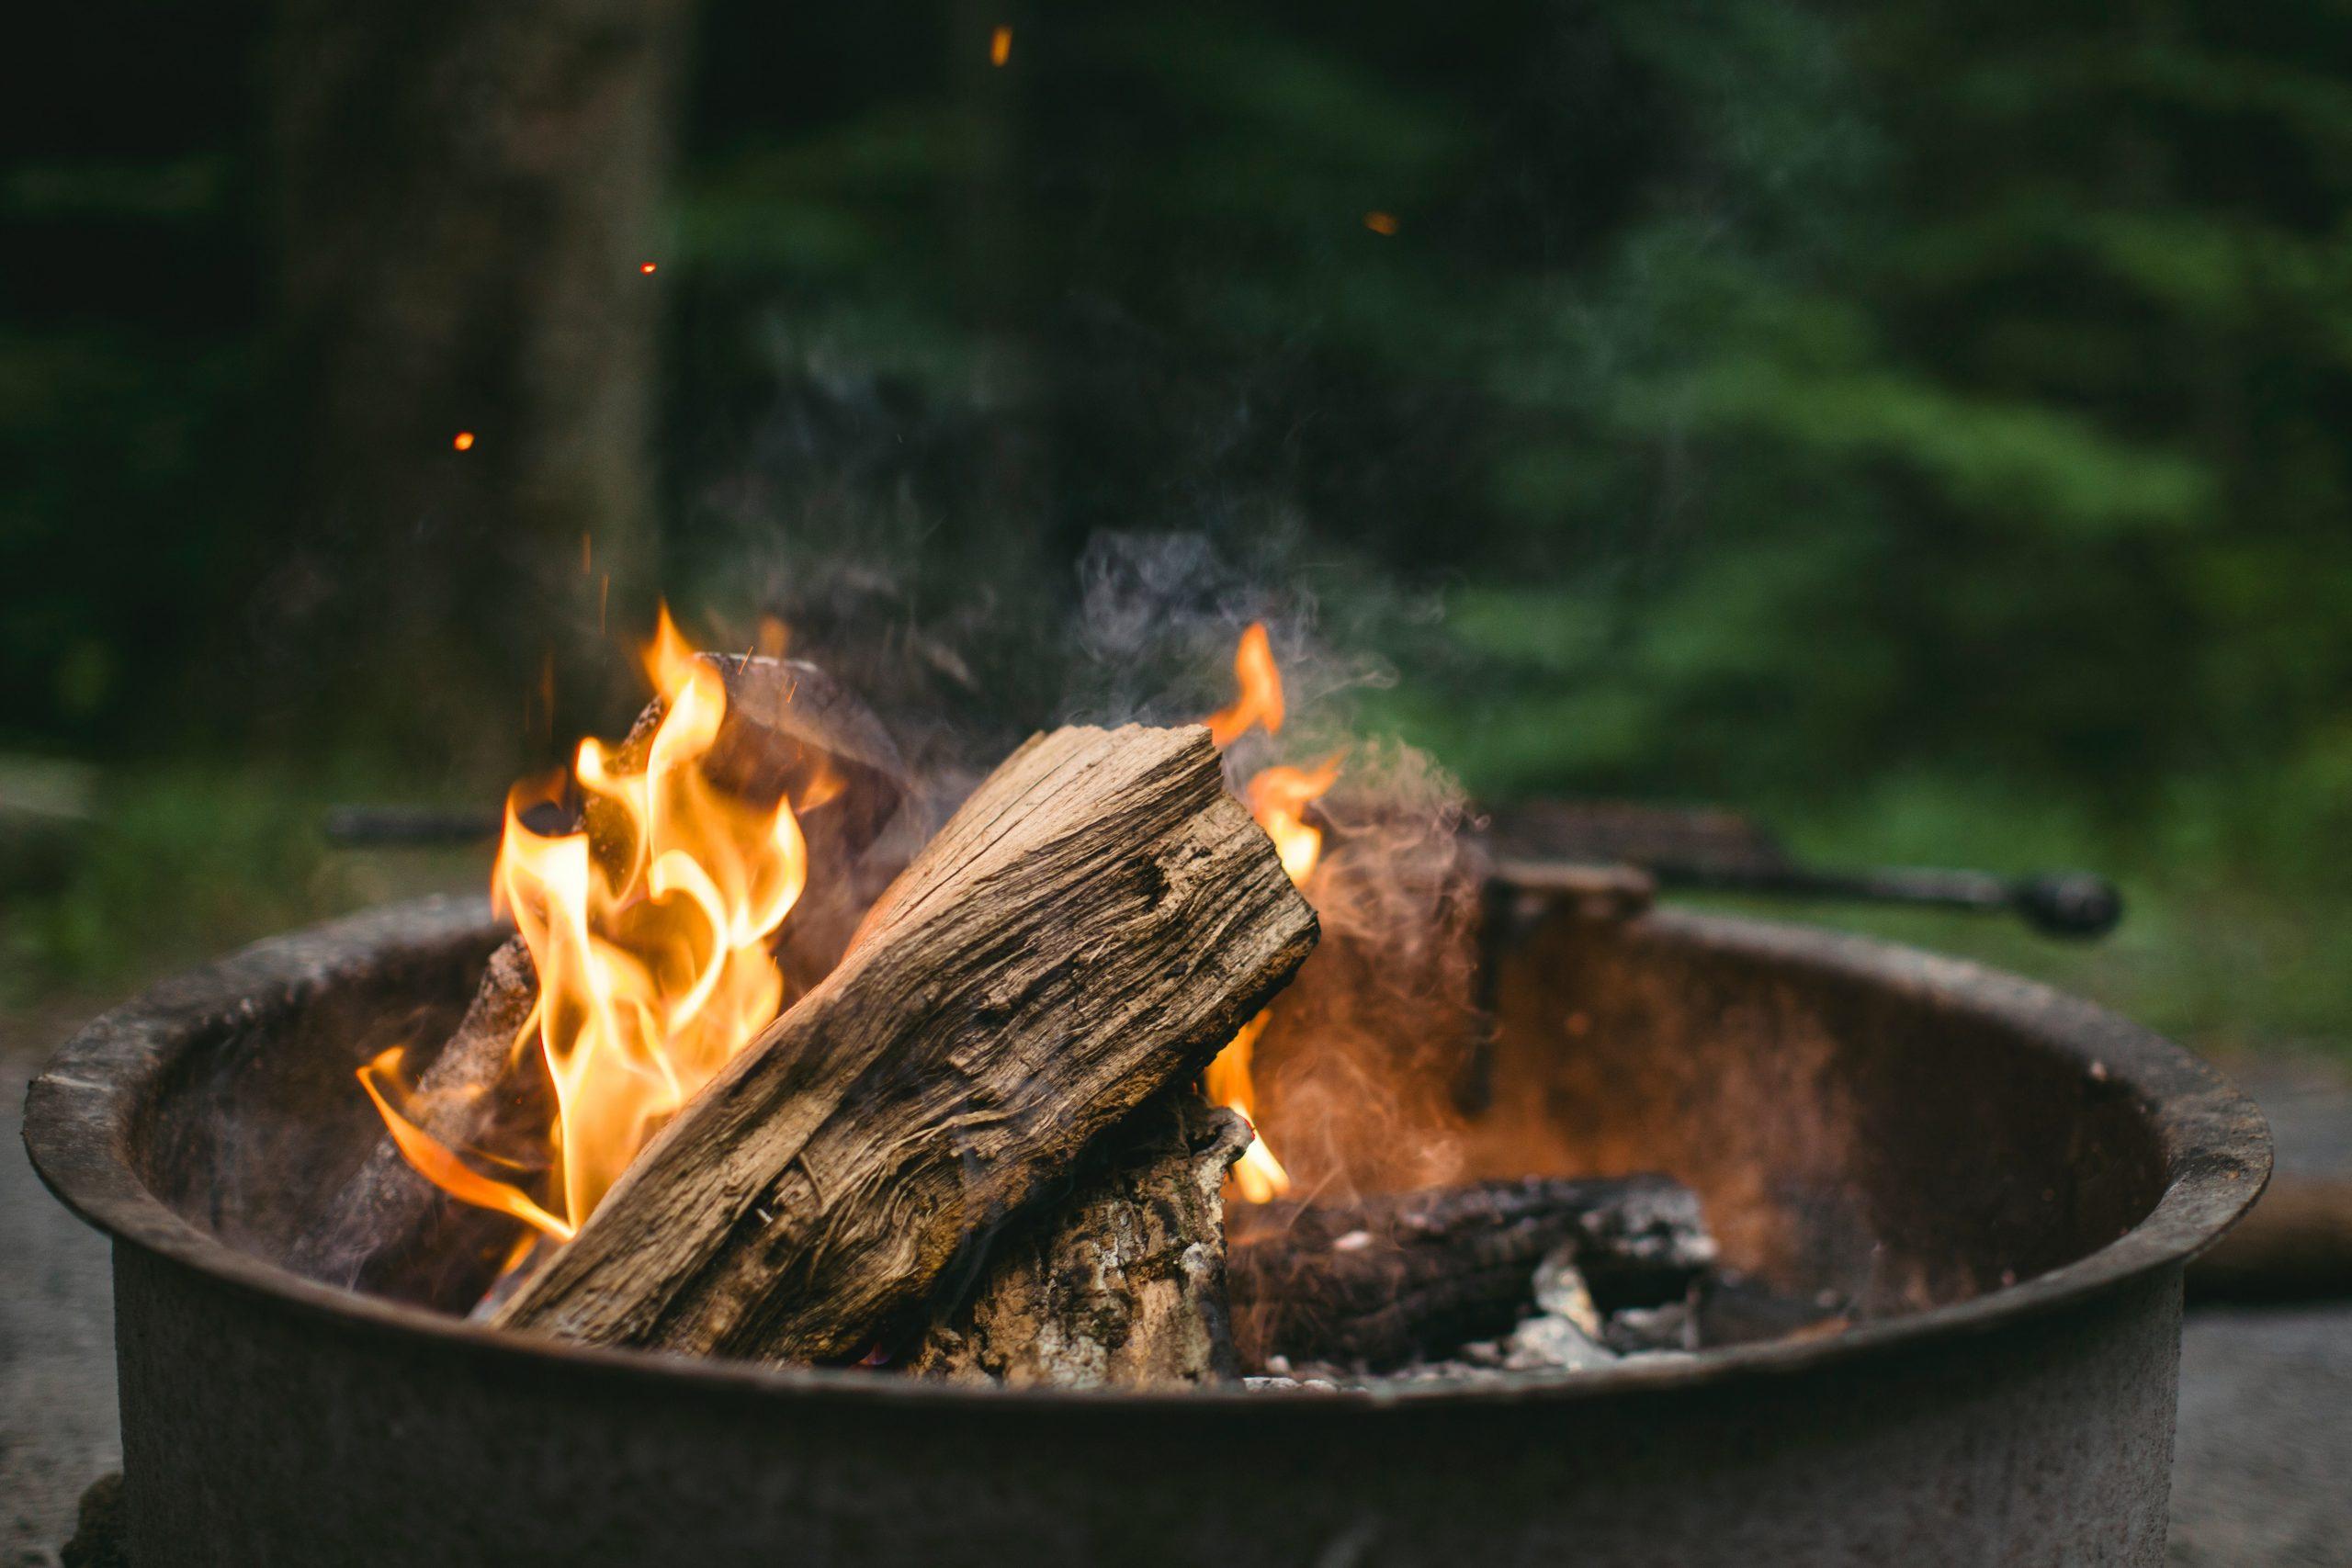 Fire burning in a metal bin